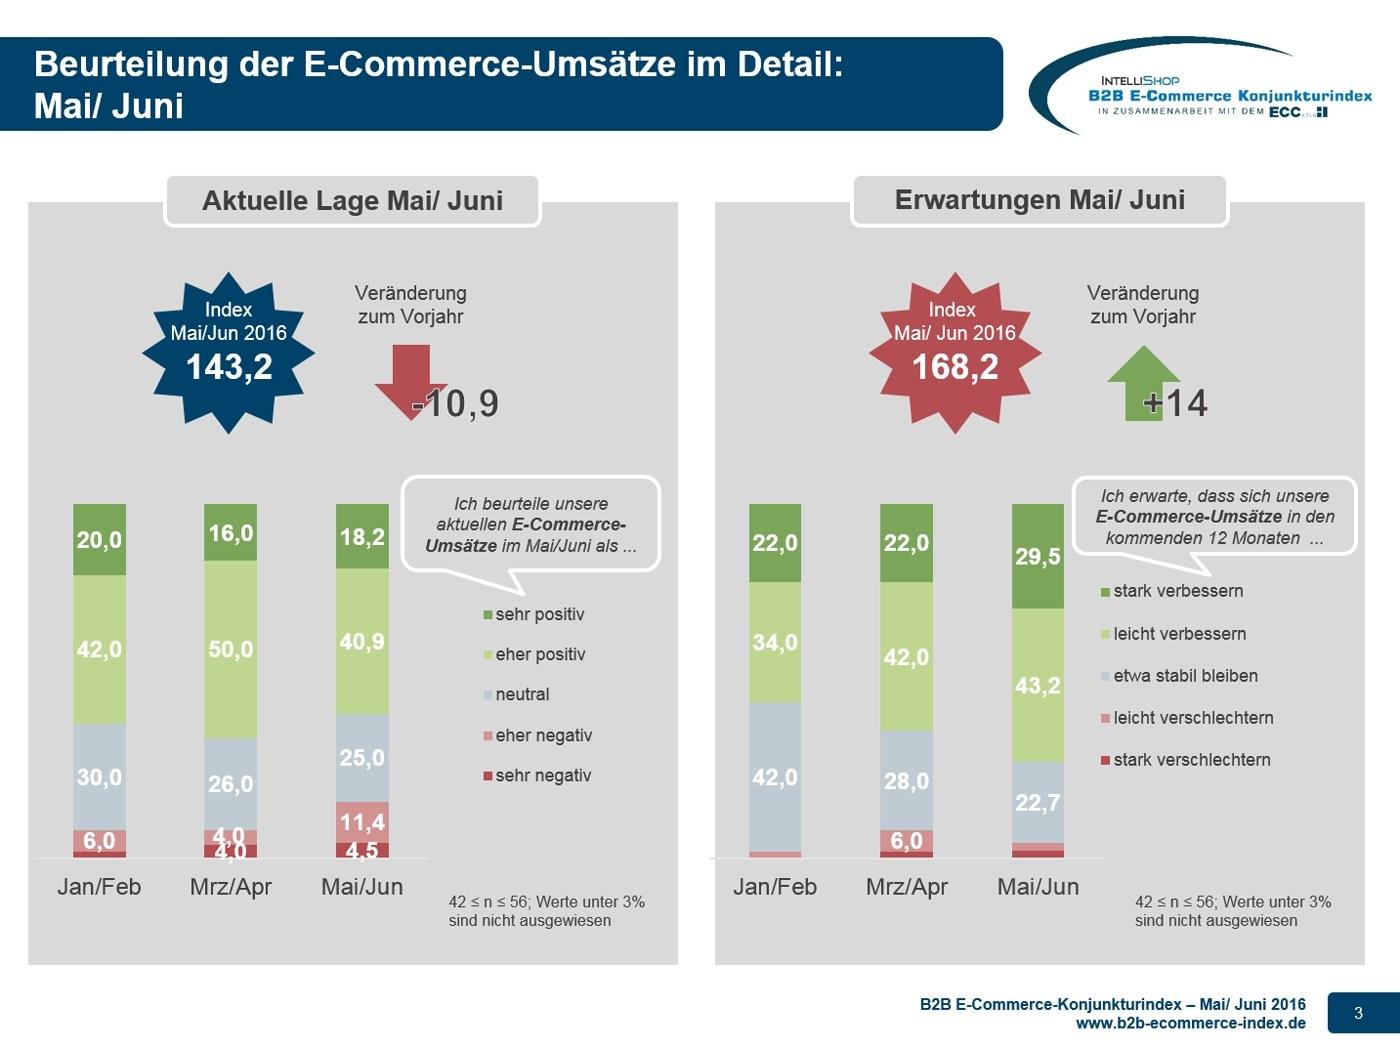 Niedlich Außenrahmen Pack Vorteile Und Nachteile Bilder - Rahmen ...